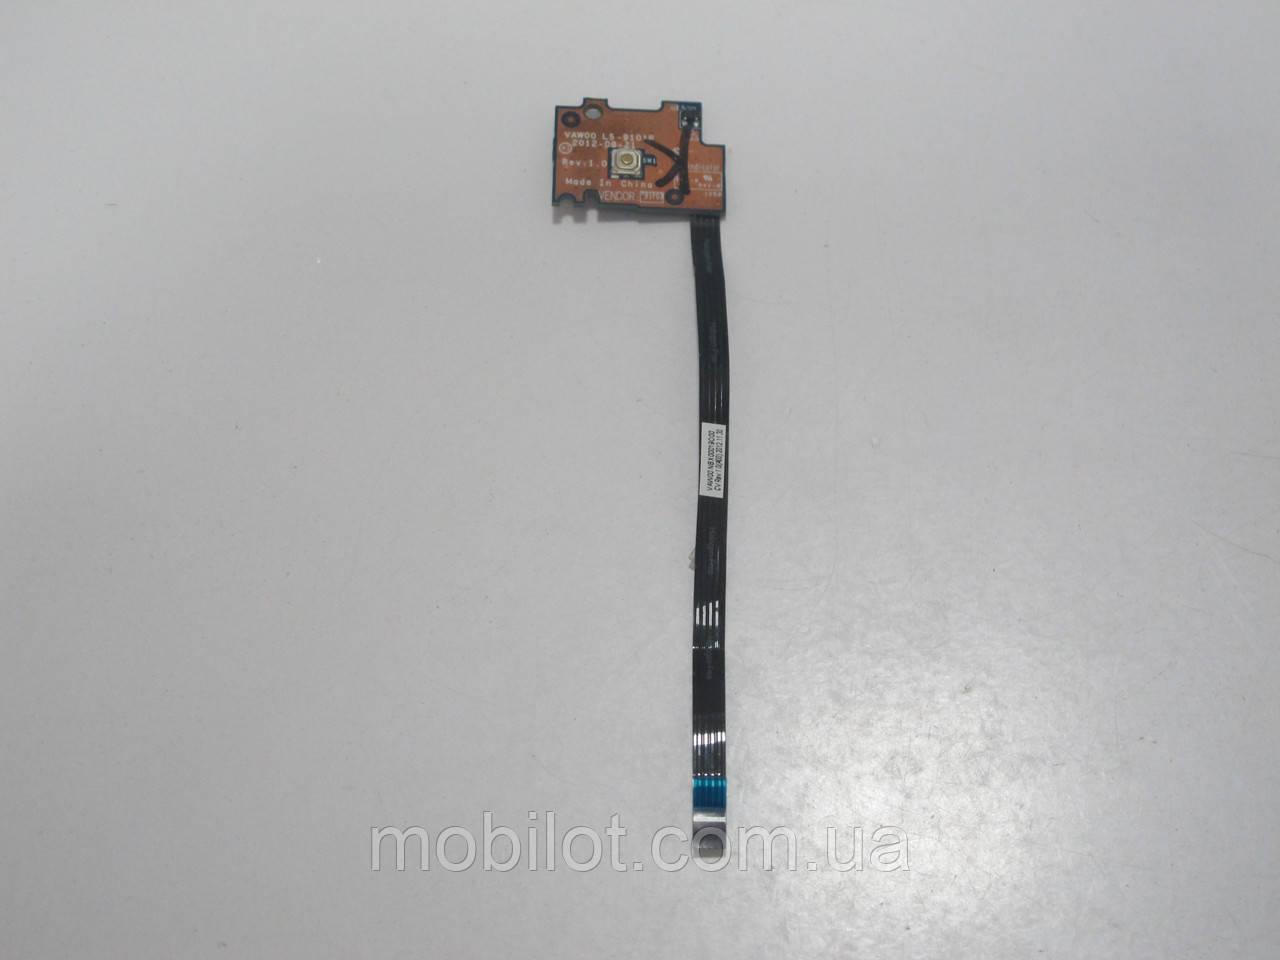 Кнопка включения Dell 5521 (NZ-5257)